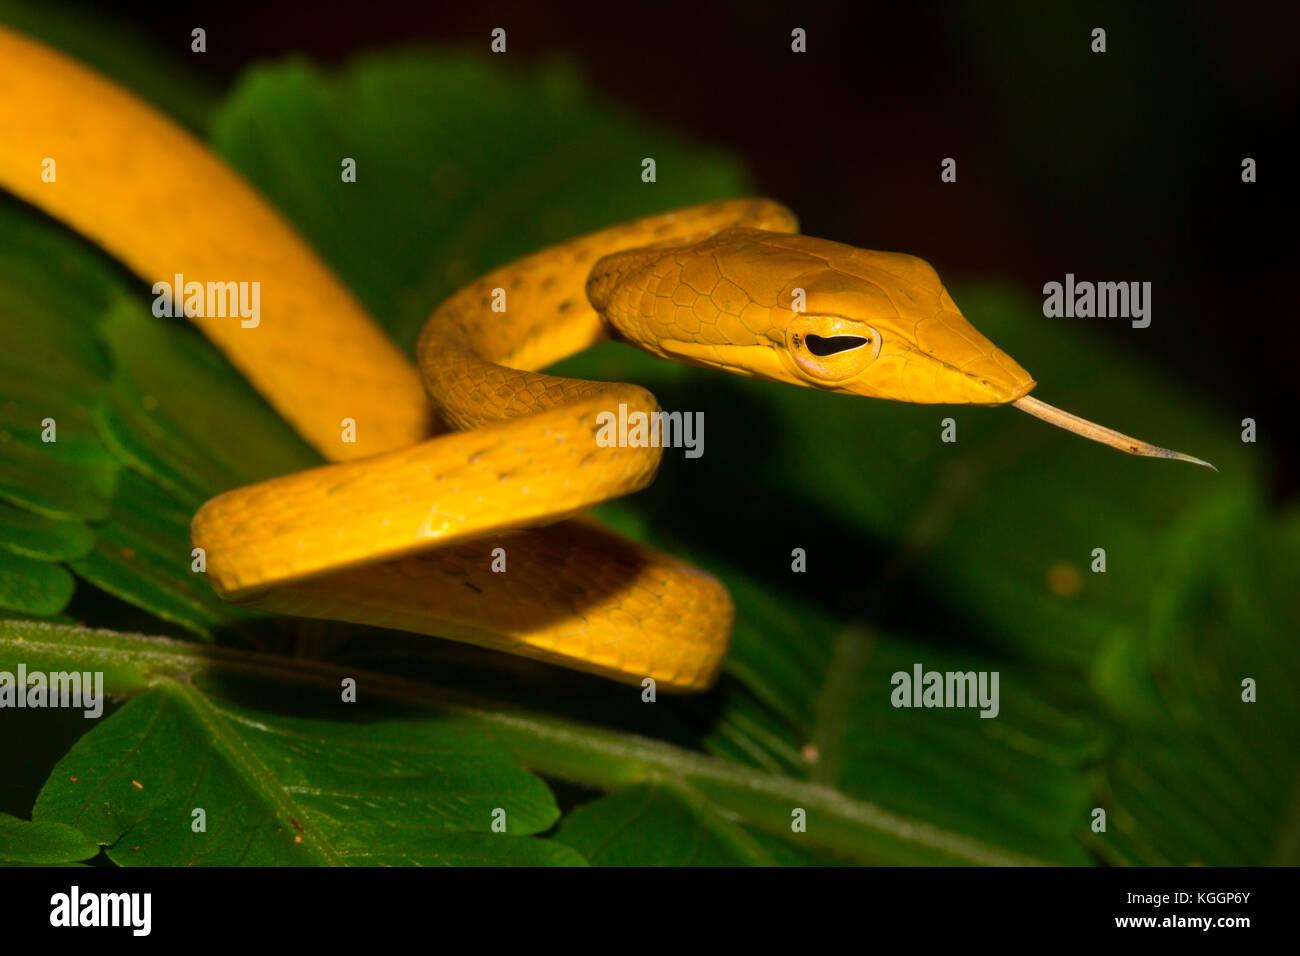 (Whipsnake Ahaetulla prasina orientales, asiáticos vid, jade SERPIENTE SERPIENTE de vid) es delgado, slighttly serpiente venenosa que viven en árboles. np Gunung Mulu, Borneo. Foto de stock